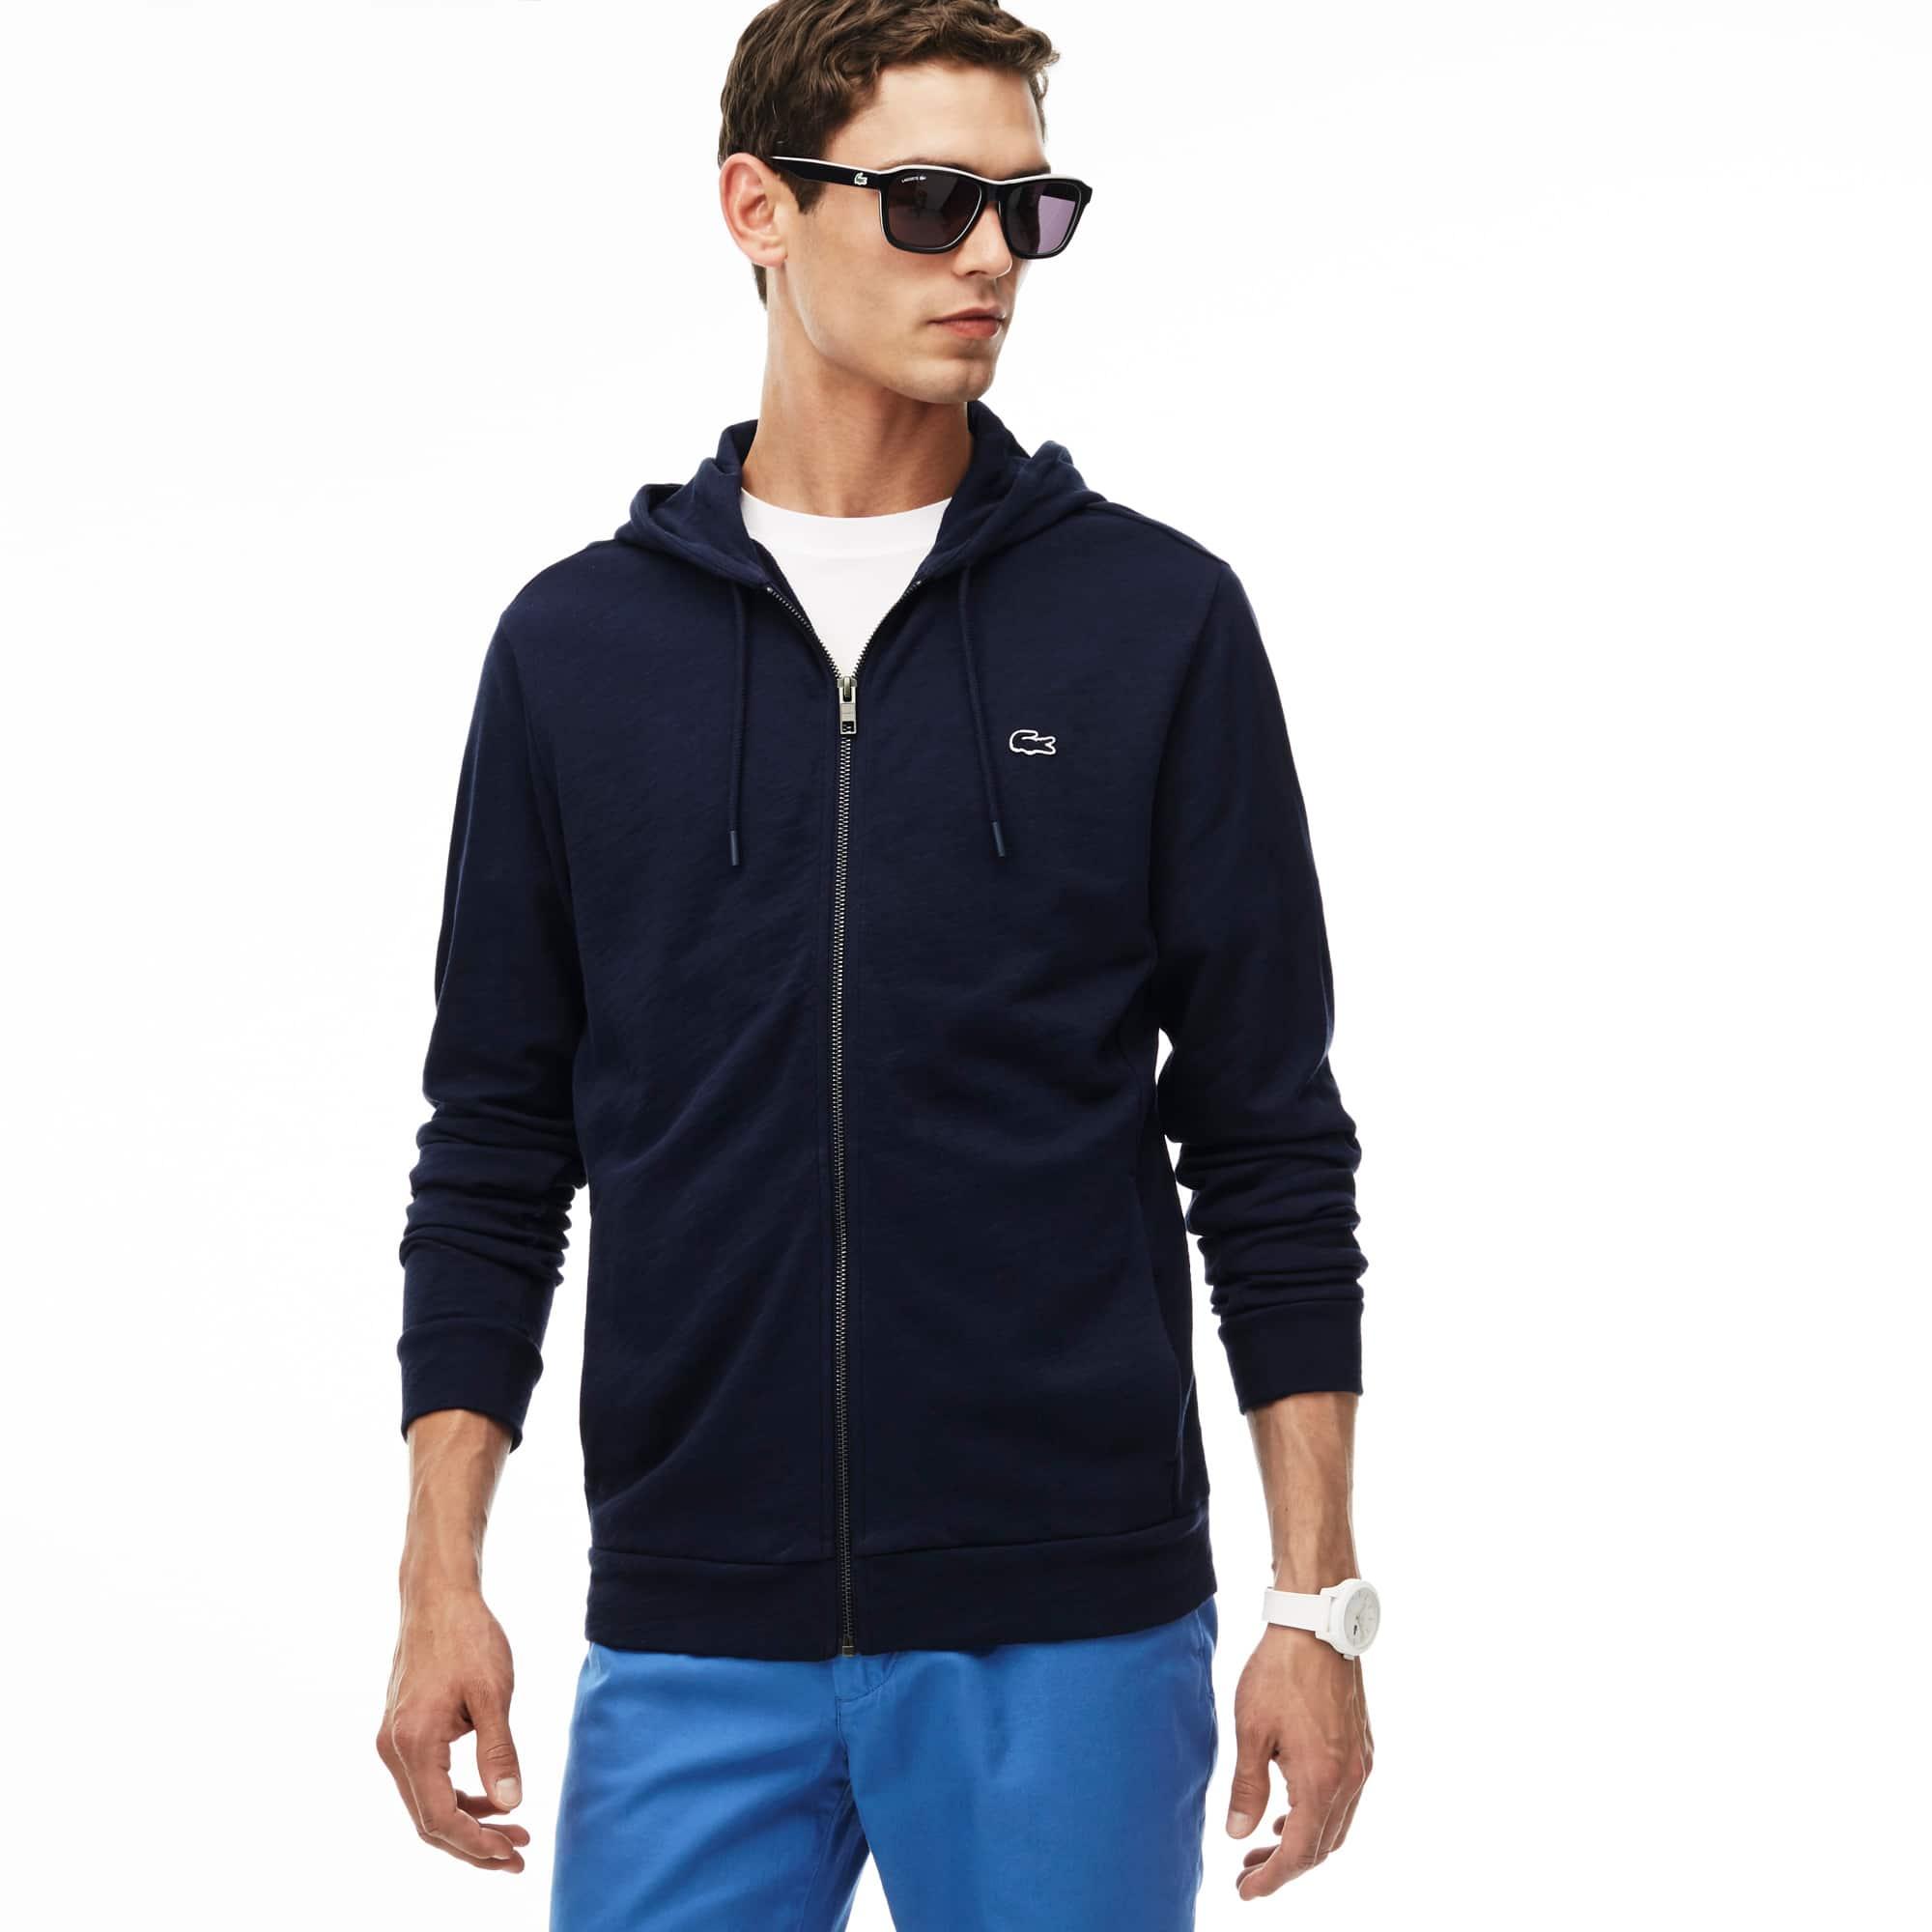 Men's Hooded Zippered Fleece Sweatshirt